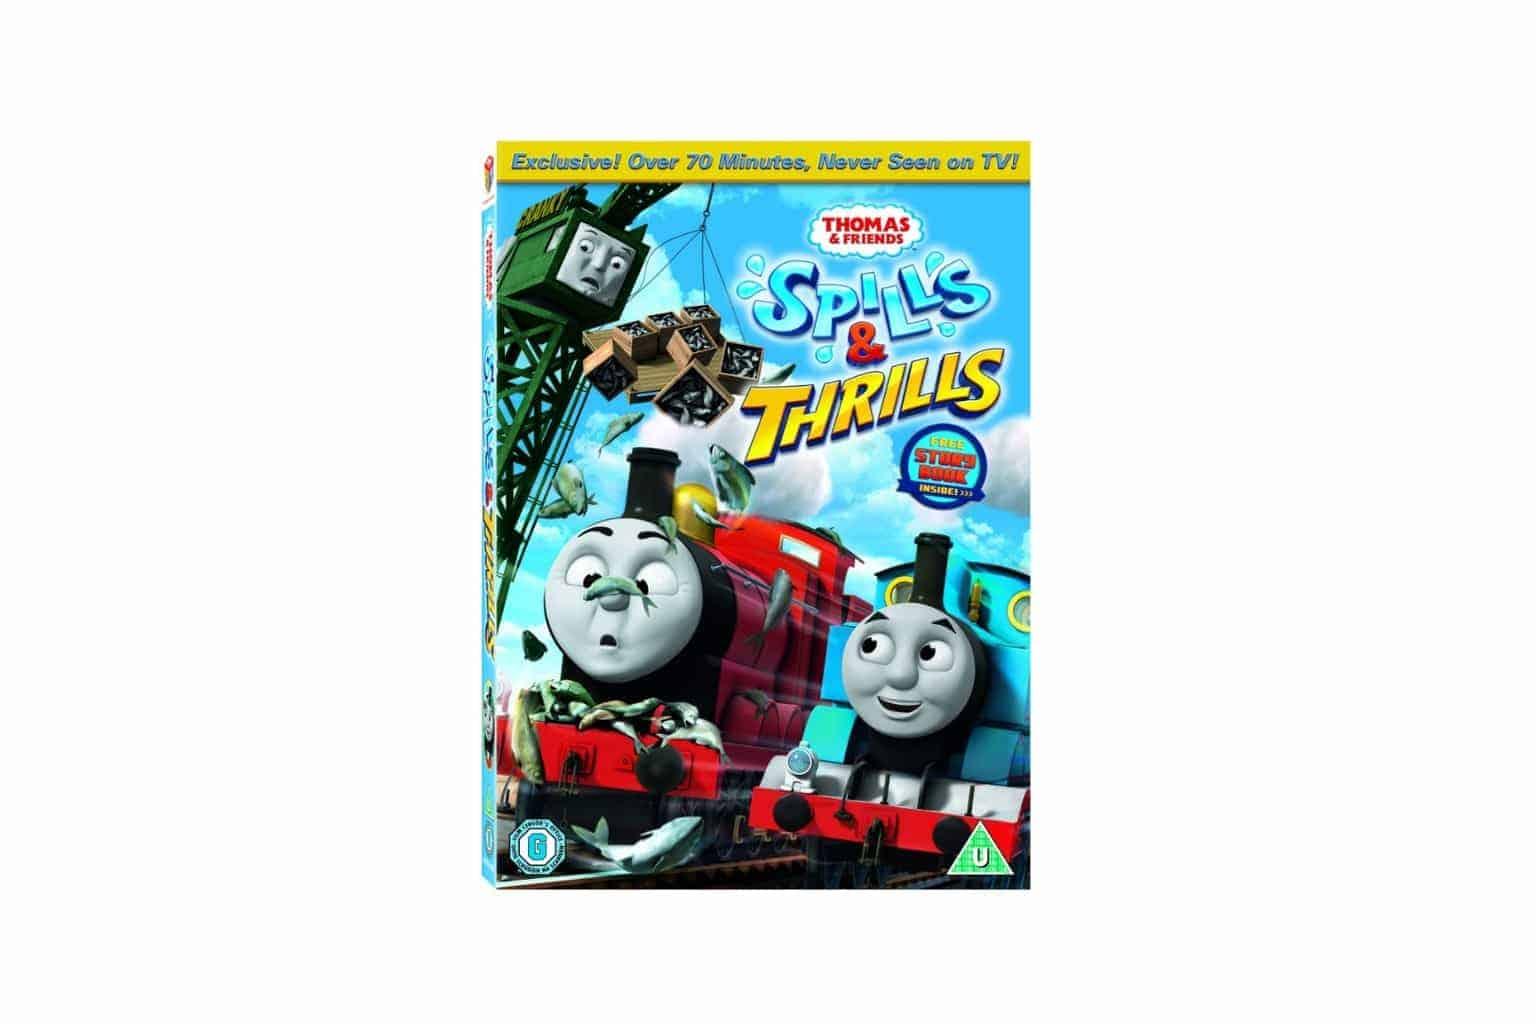 Thomas & Friends Spills & Thrills DVD